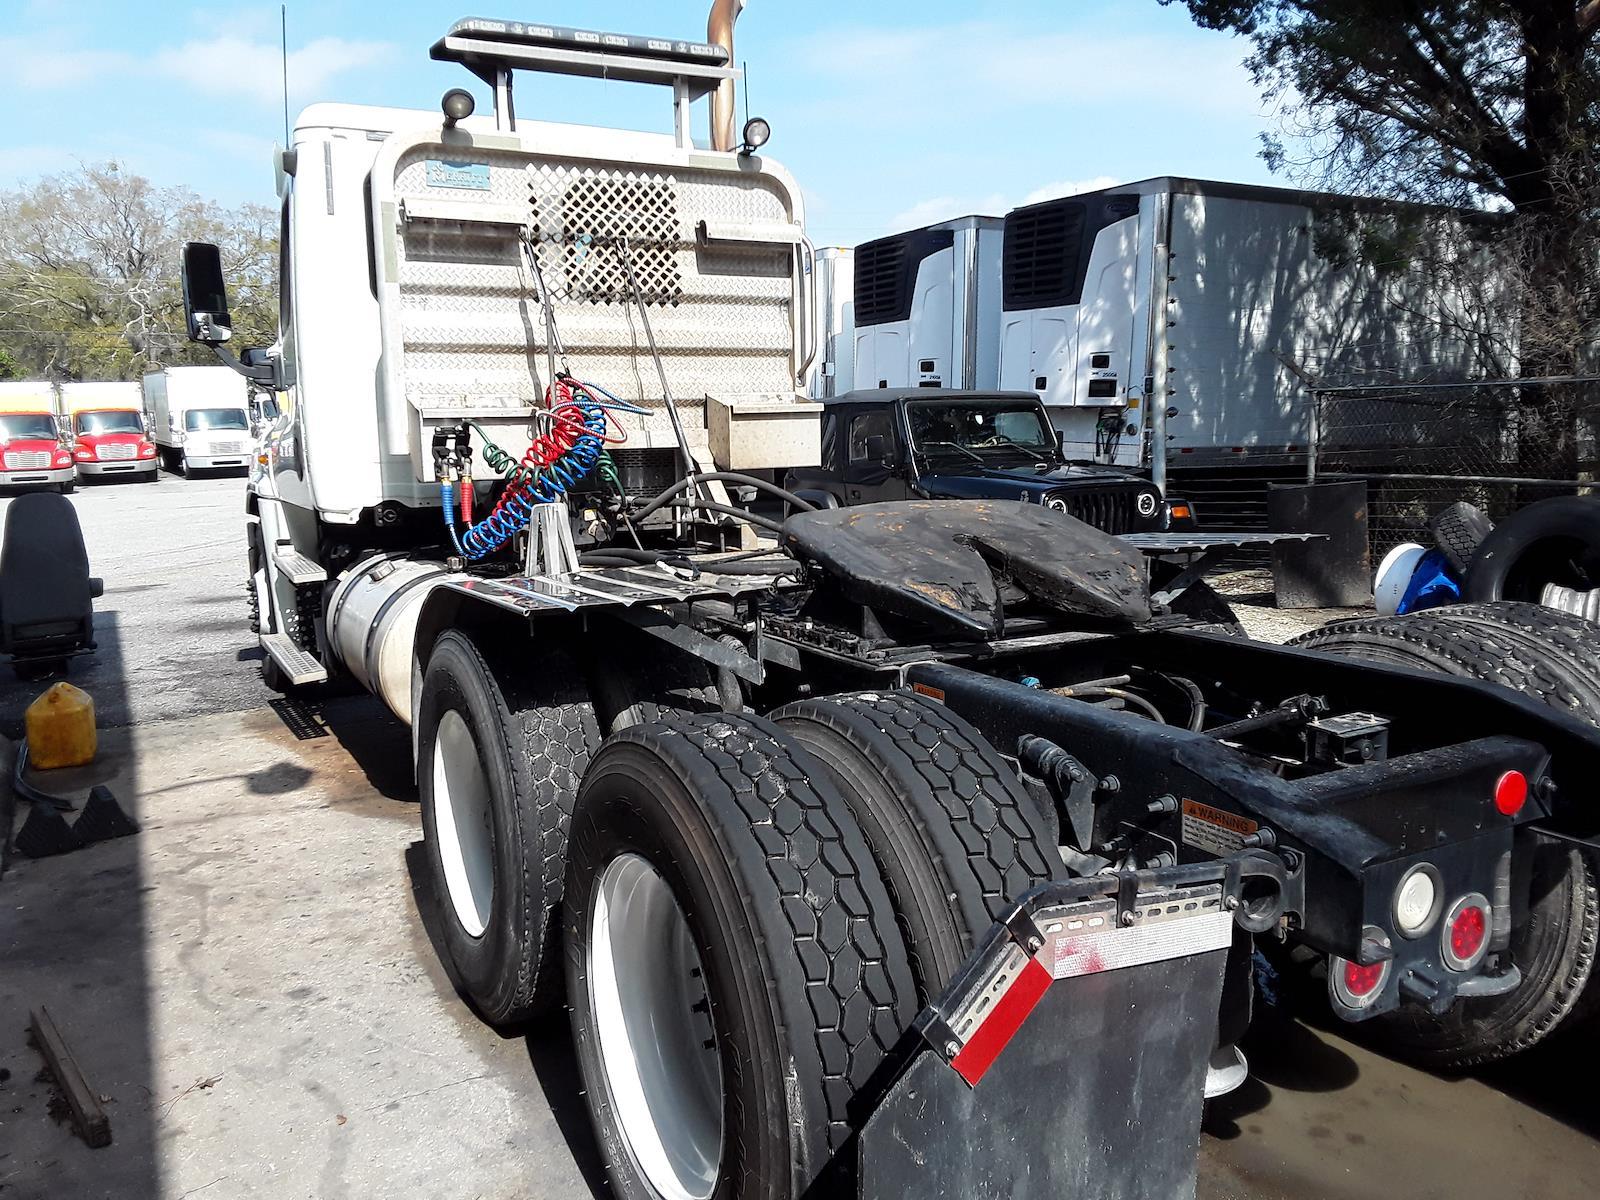 2014 Freightliner Truck 6x4, Tractor #545615 - photo 1